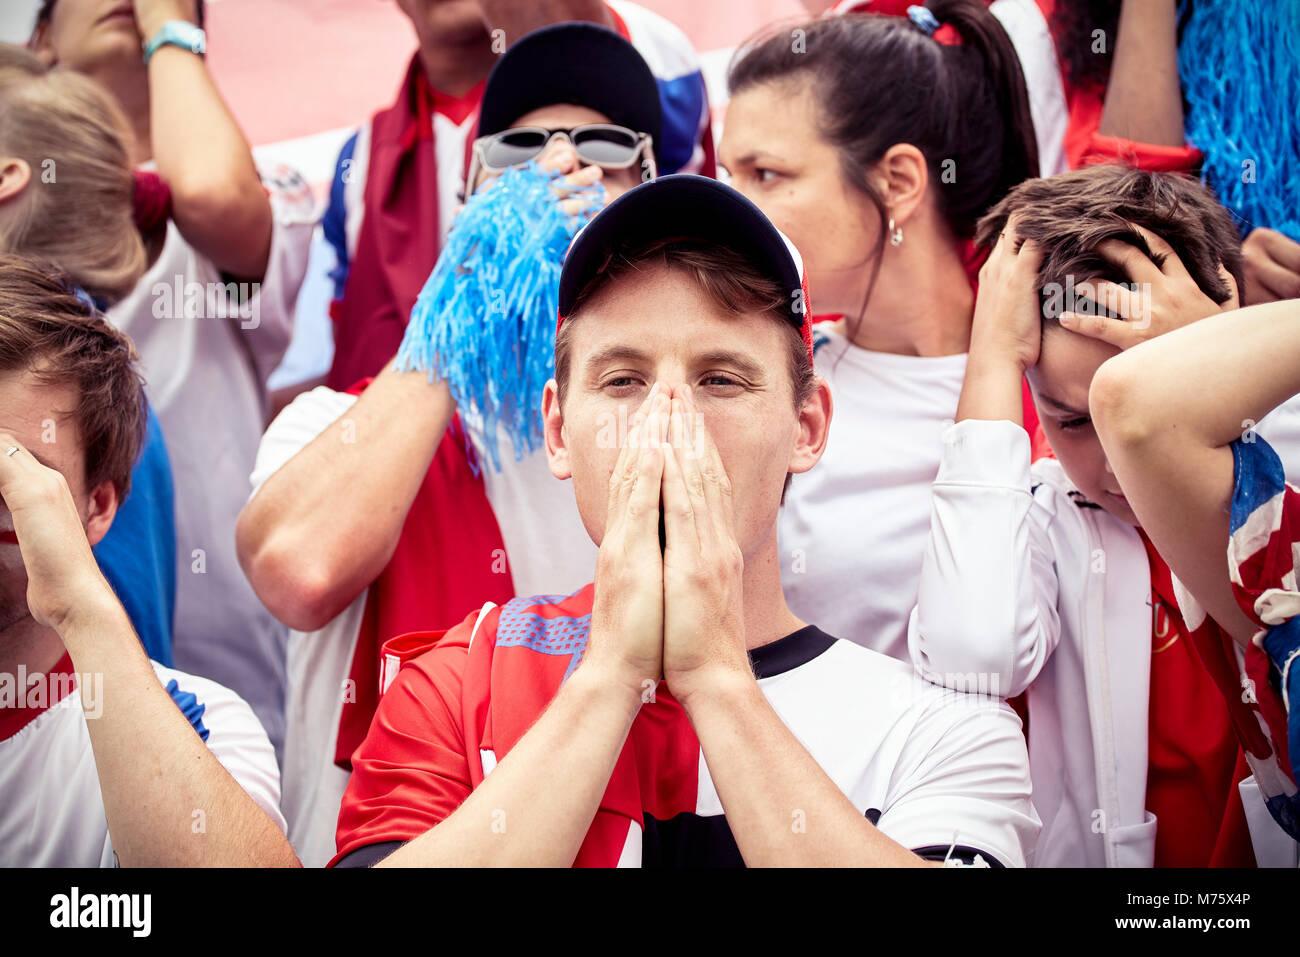 Fußball-Fans, die Enttäuschung bei Fußballspiel Stockbild